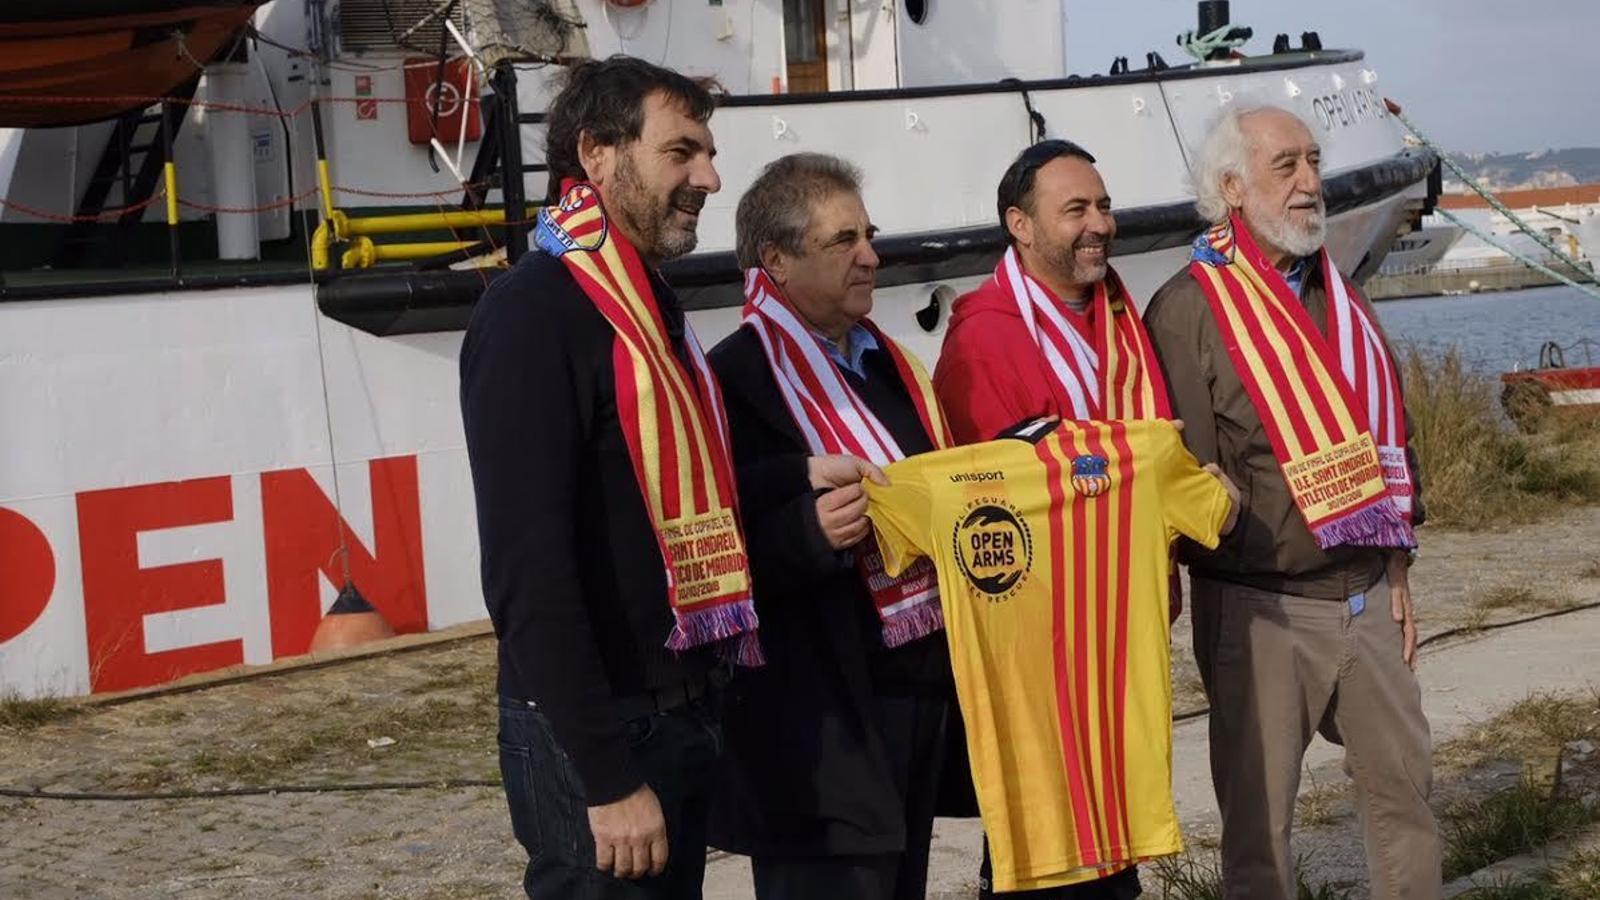 Òscar Camps i Manuel Camino, amb el capità del vaixell Open Arms i Josep Maldonado